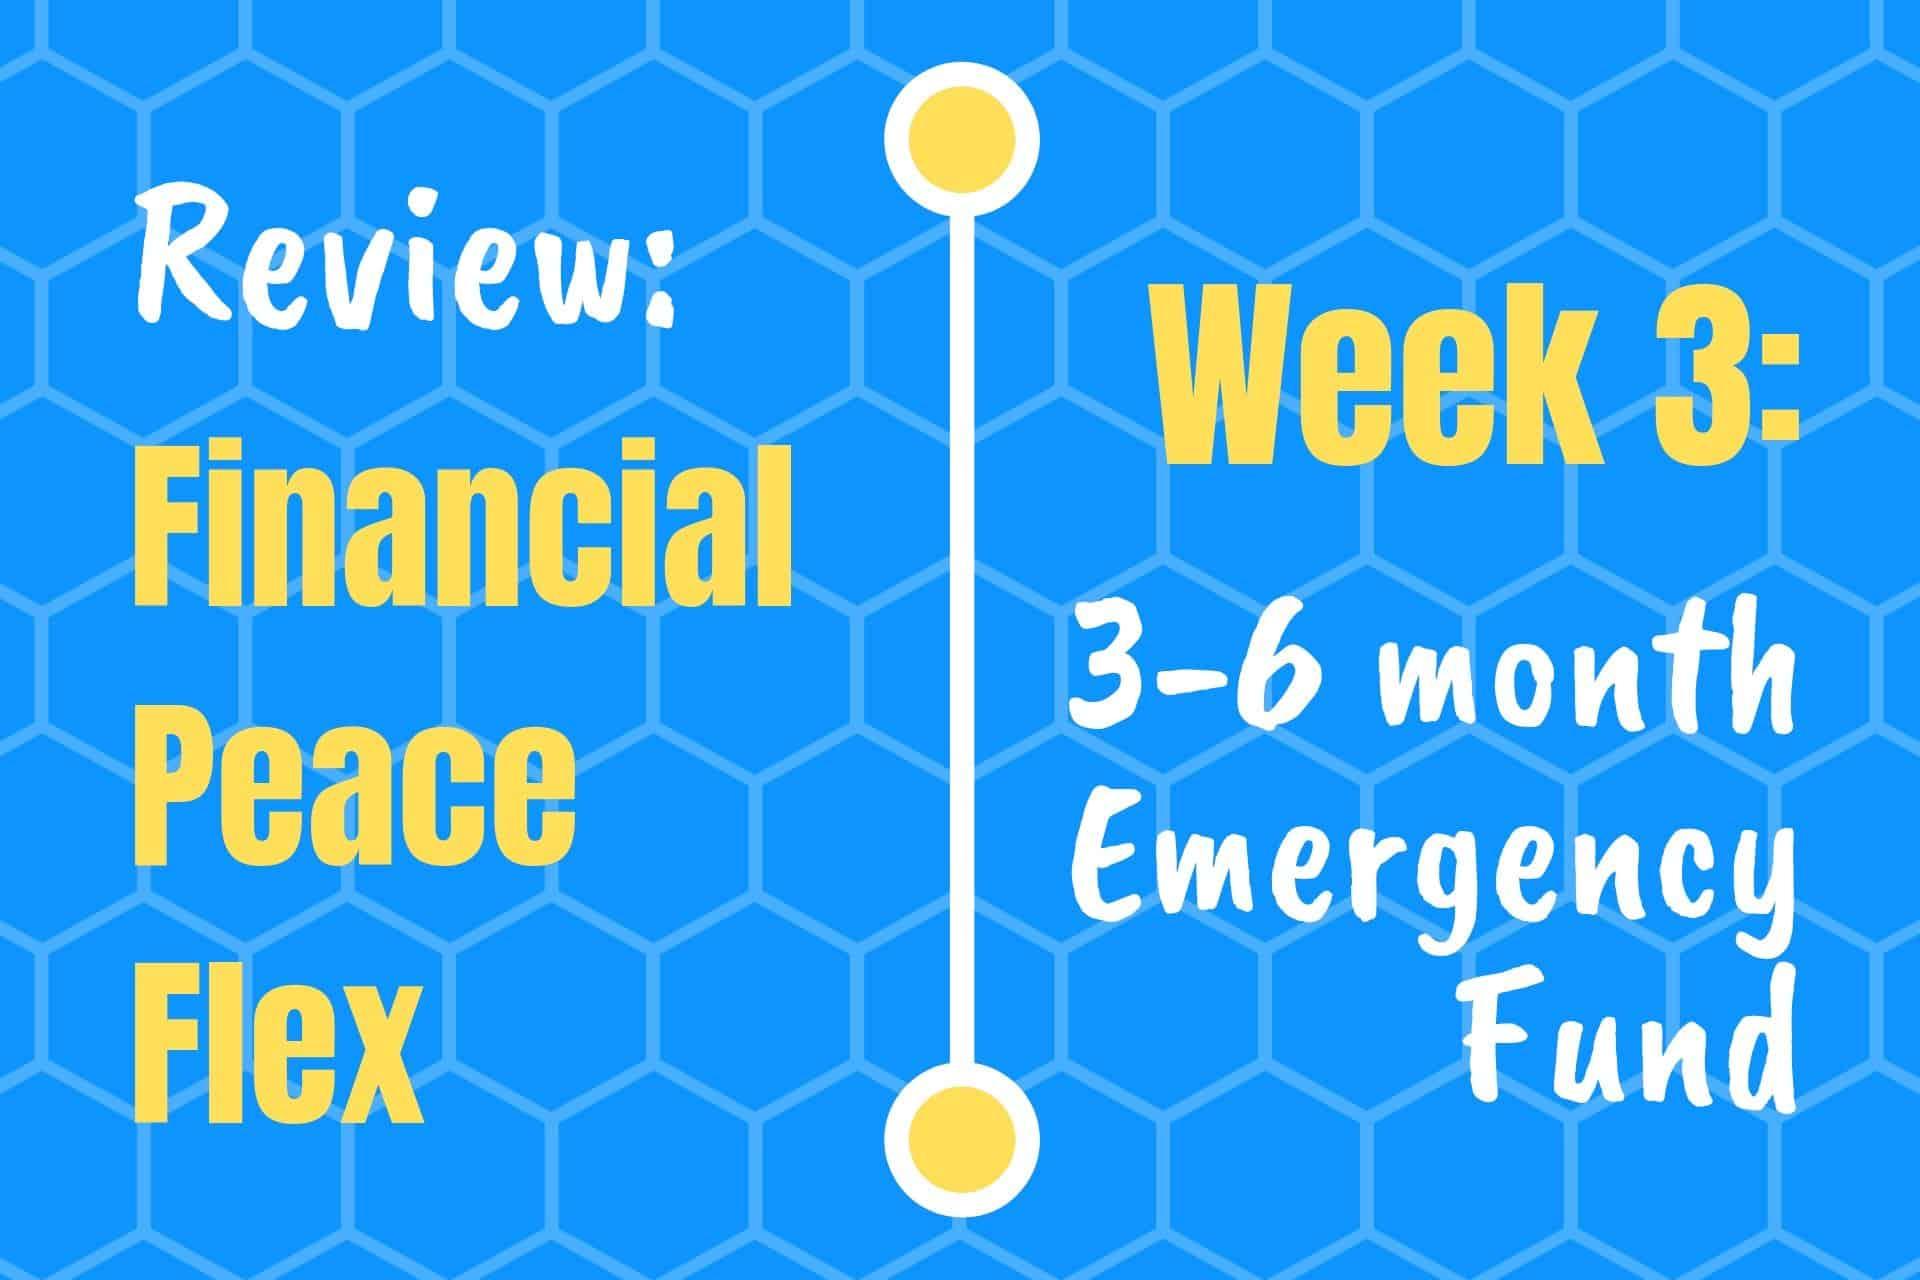 Financial Peace University Week 3